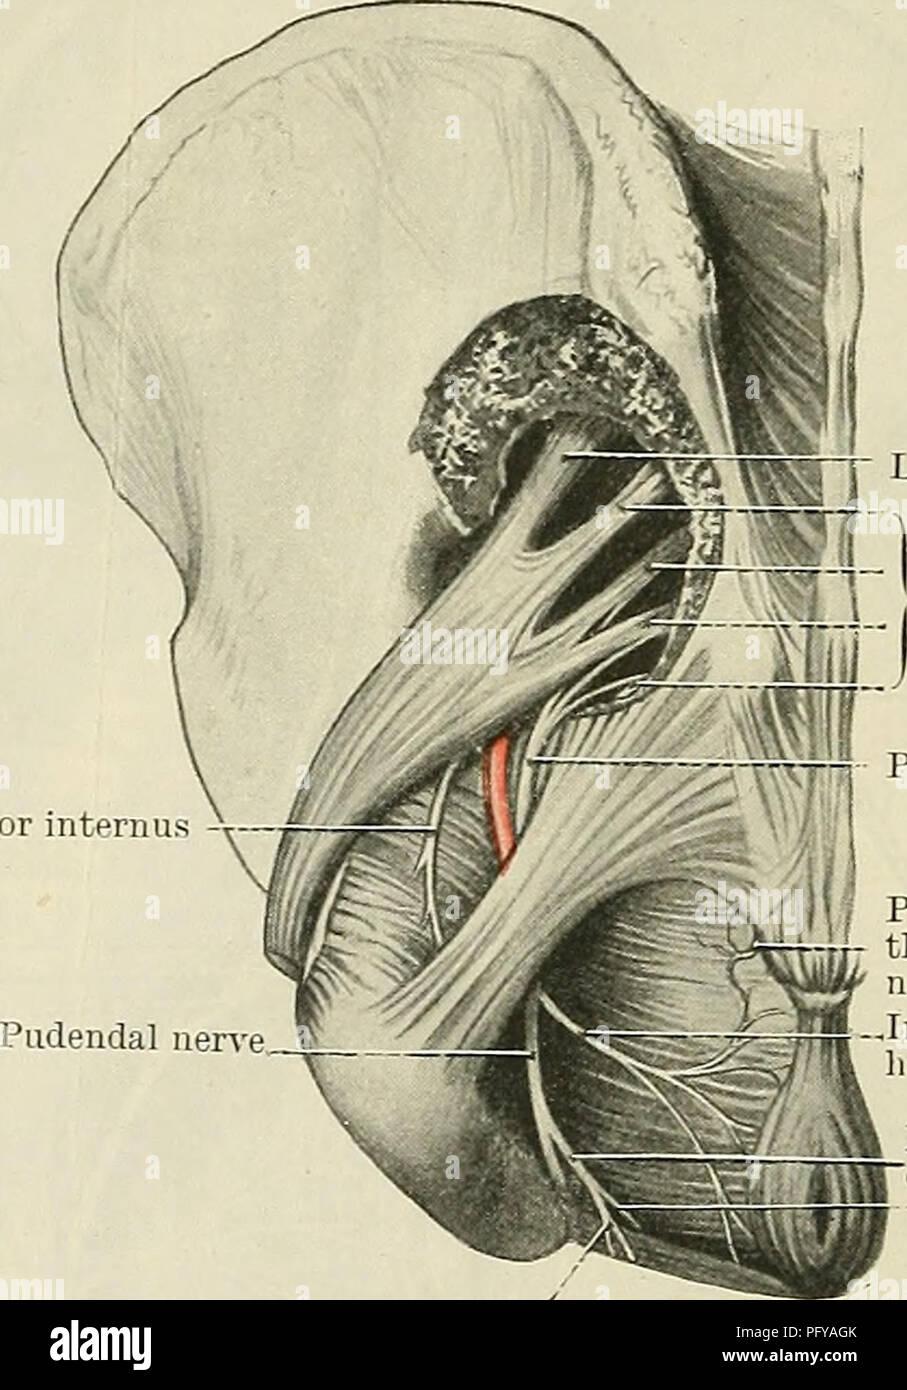 Urethras Imágenes De Stock & Urethras Fotos De Stock - Alamy